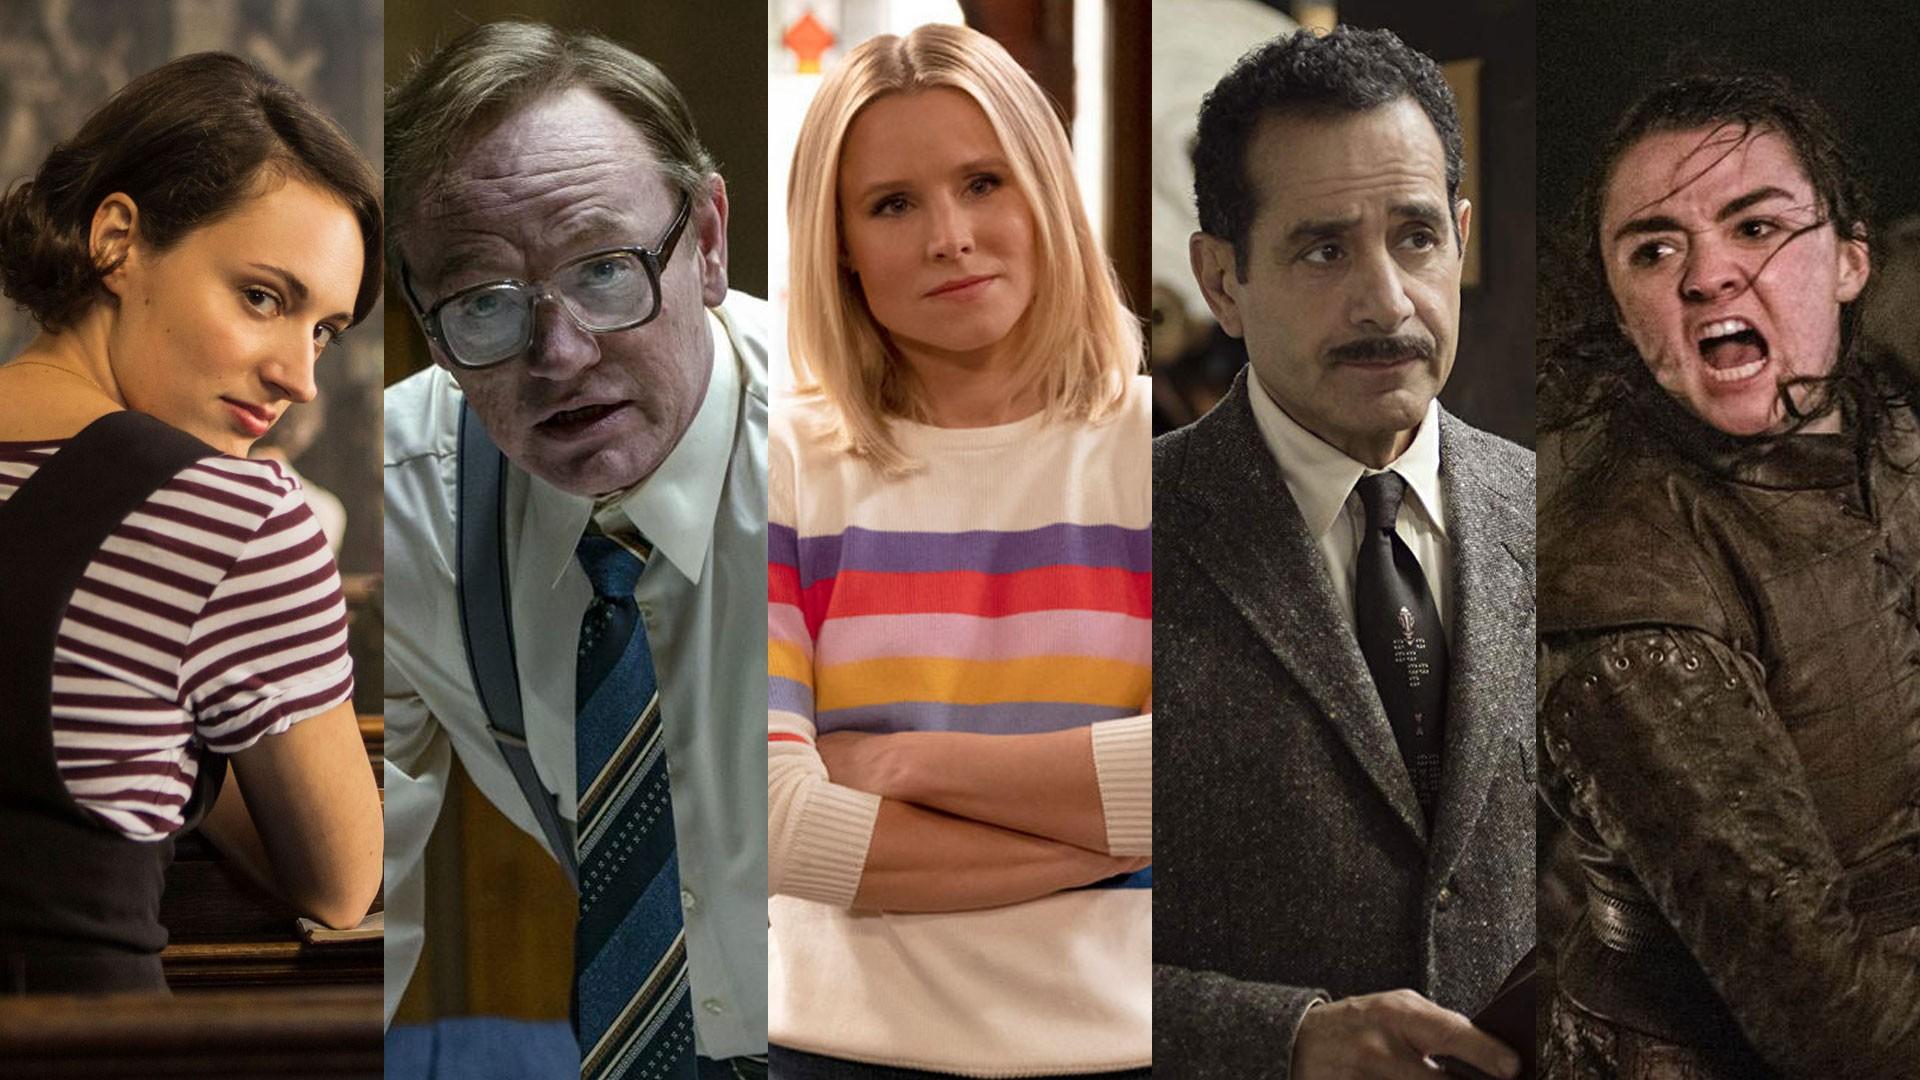 Emmy 2019 é neste domingo; veja quem são os favoritos e assista aos trailers de séries indicadas - Notícias - Plantão Diário